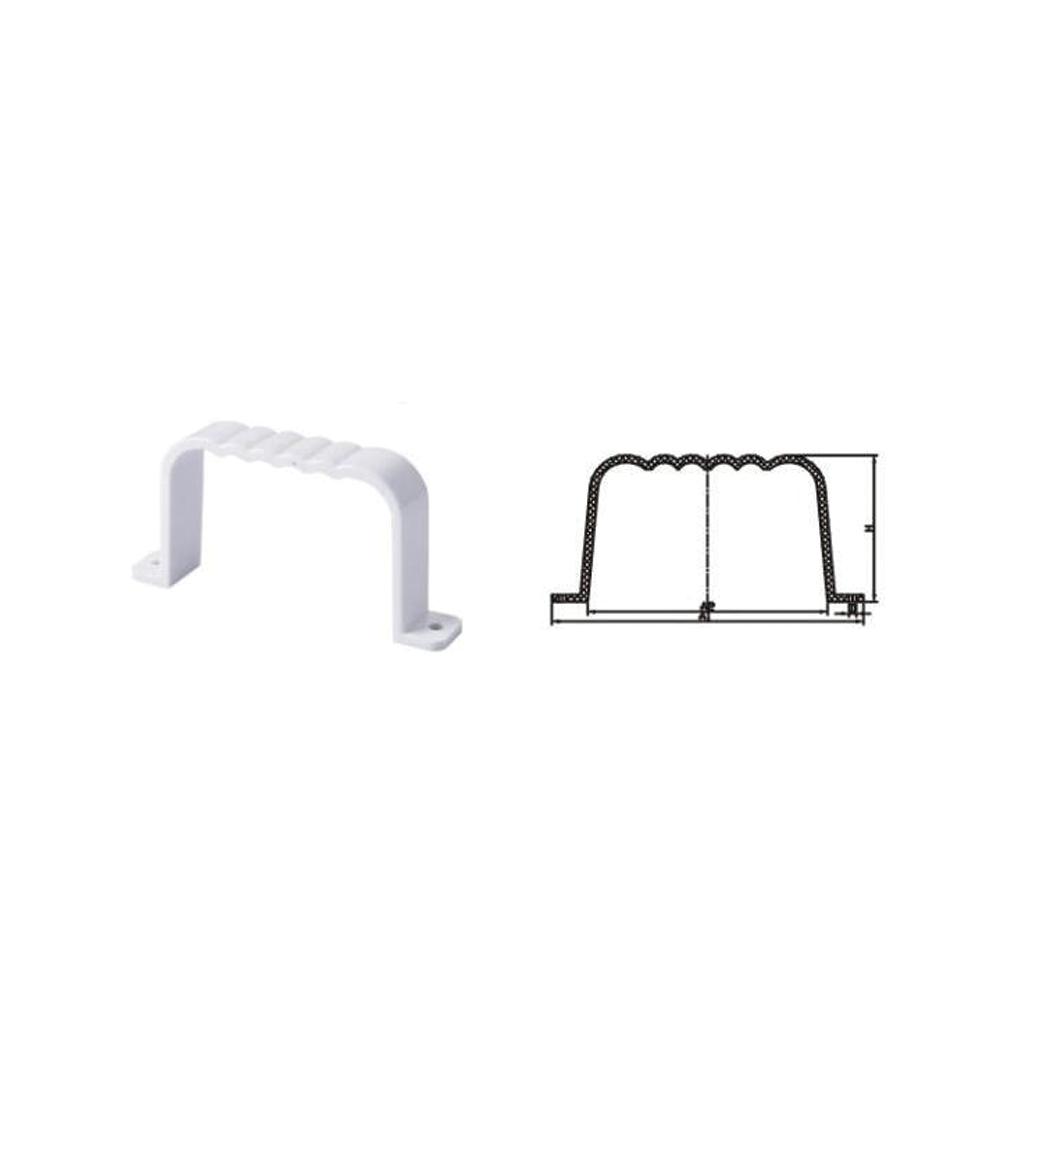 PVC Pipe Clip